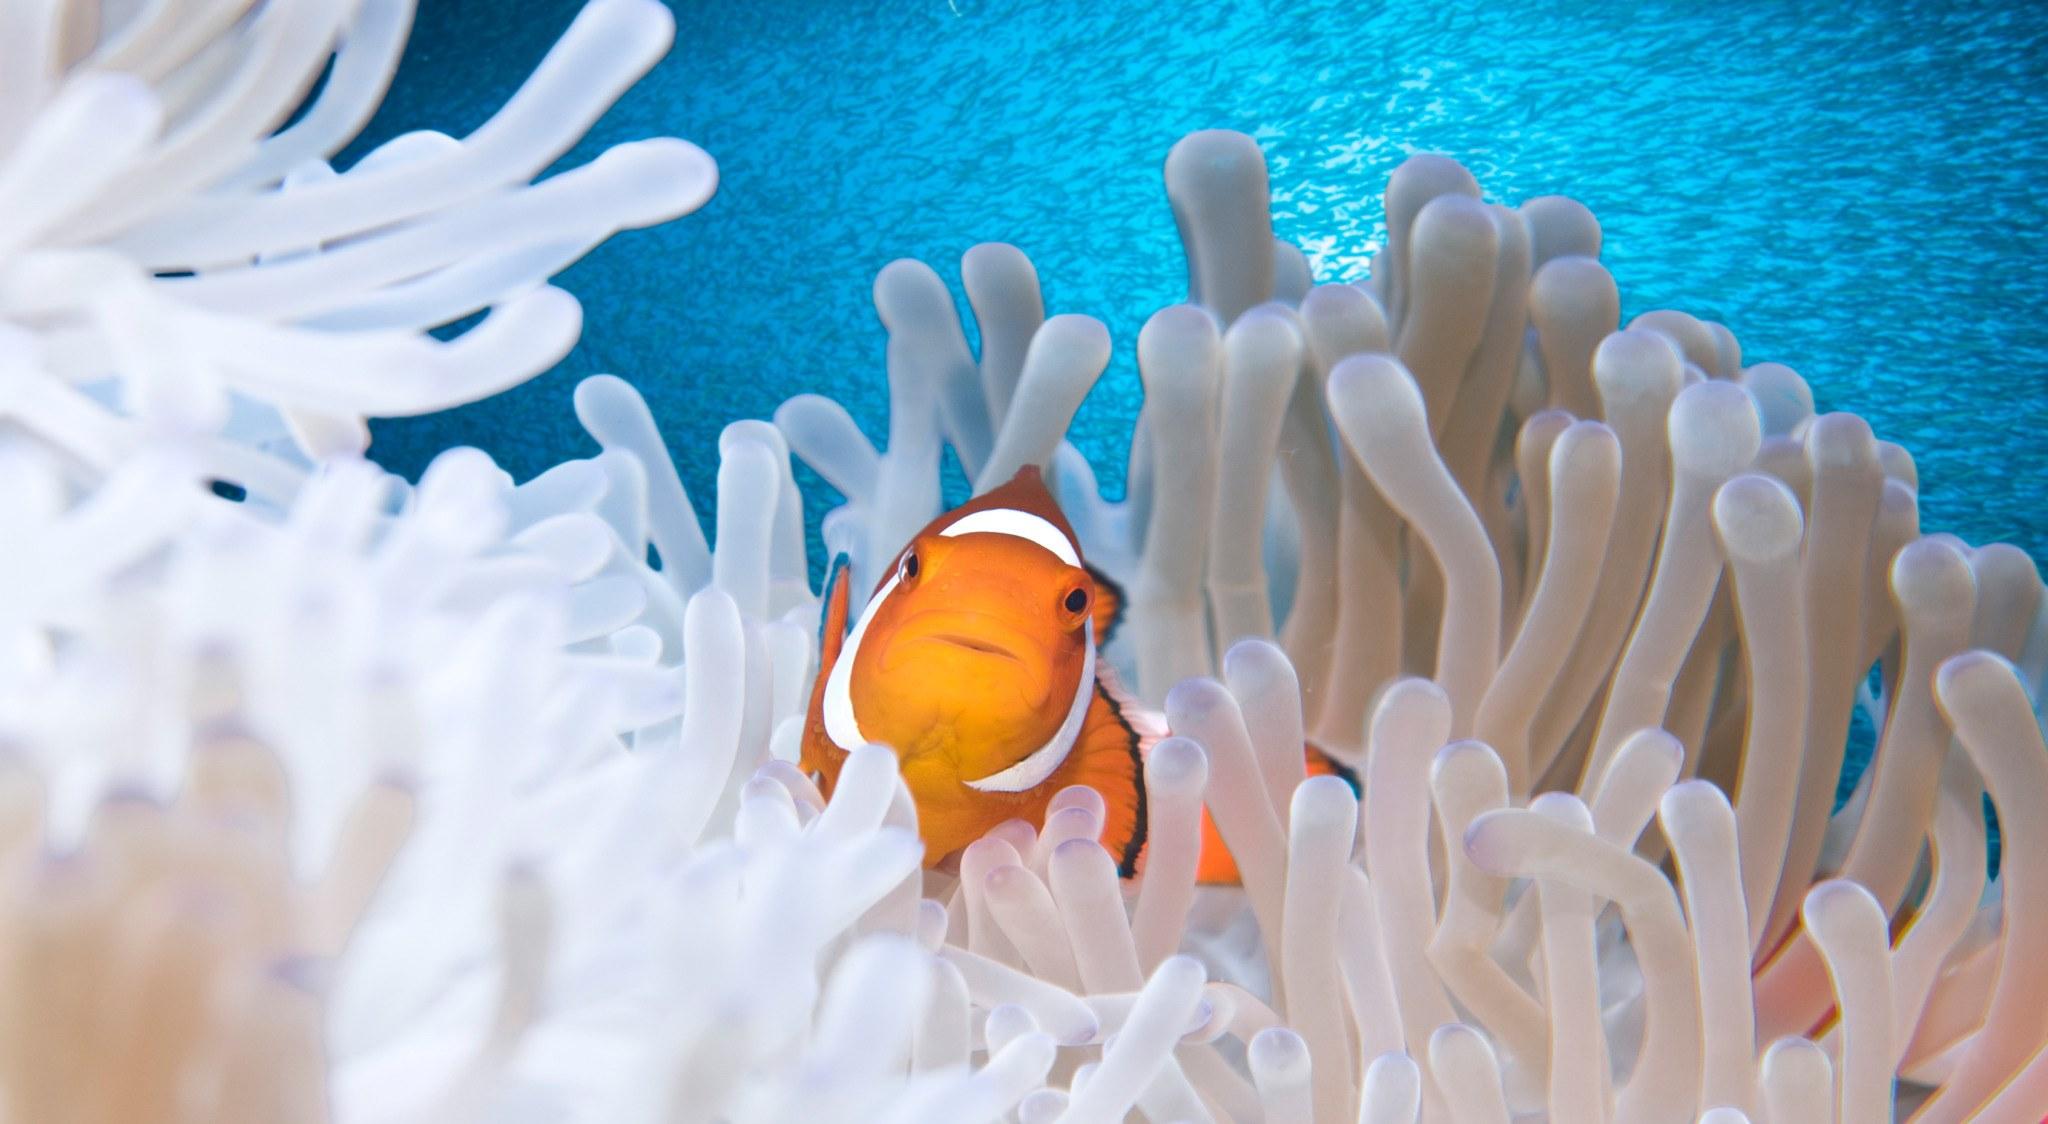 Anemone mit Clownfisch vor riesigen Fischschwarm beim Tauchen auf den Philippinen